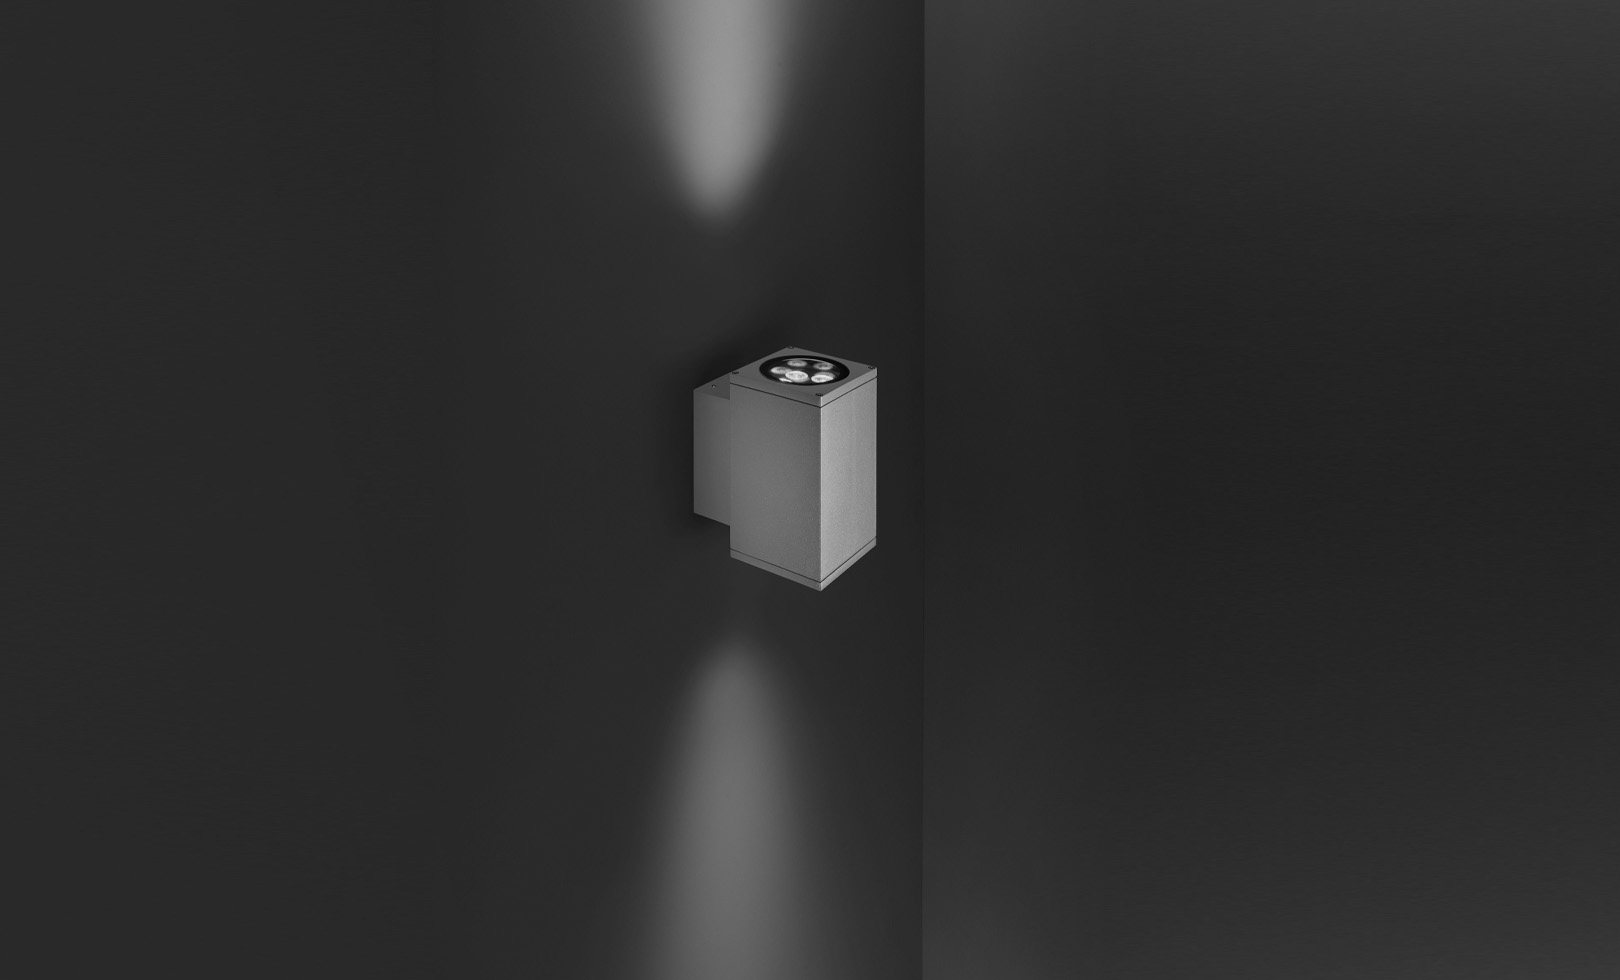 401018 TECH MEDIUM 02 SQUARE PRO LED 2x14W 1